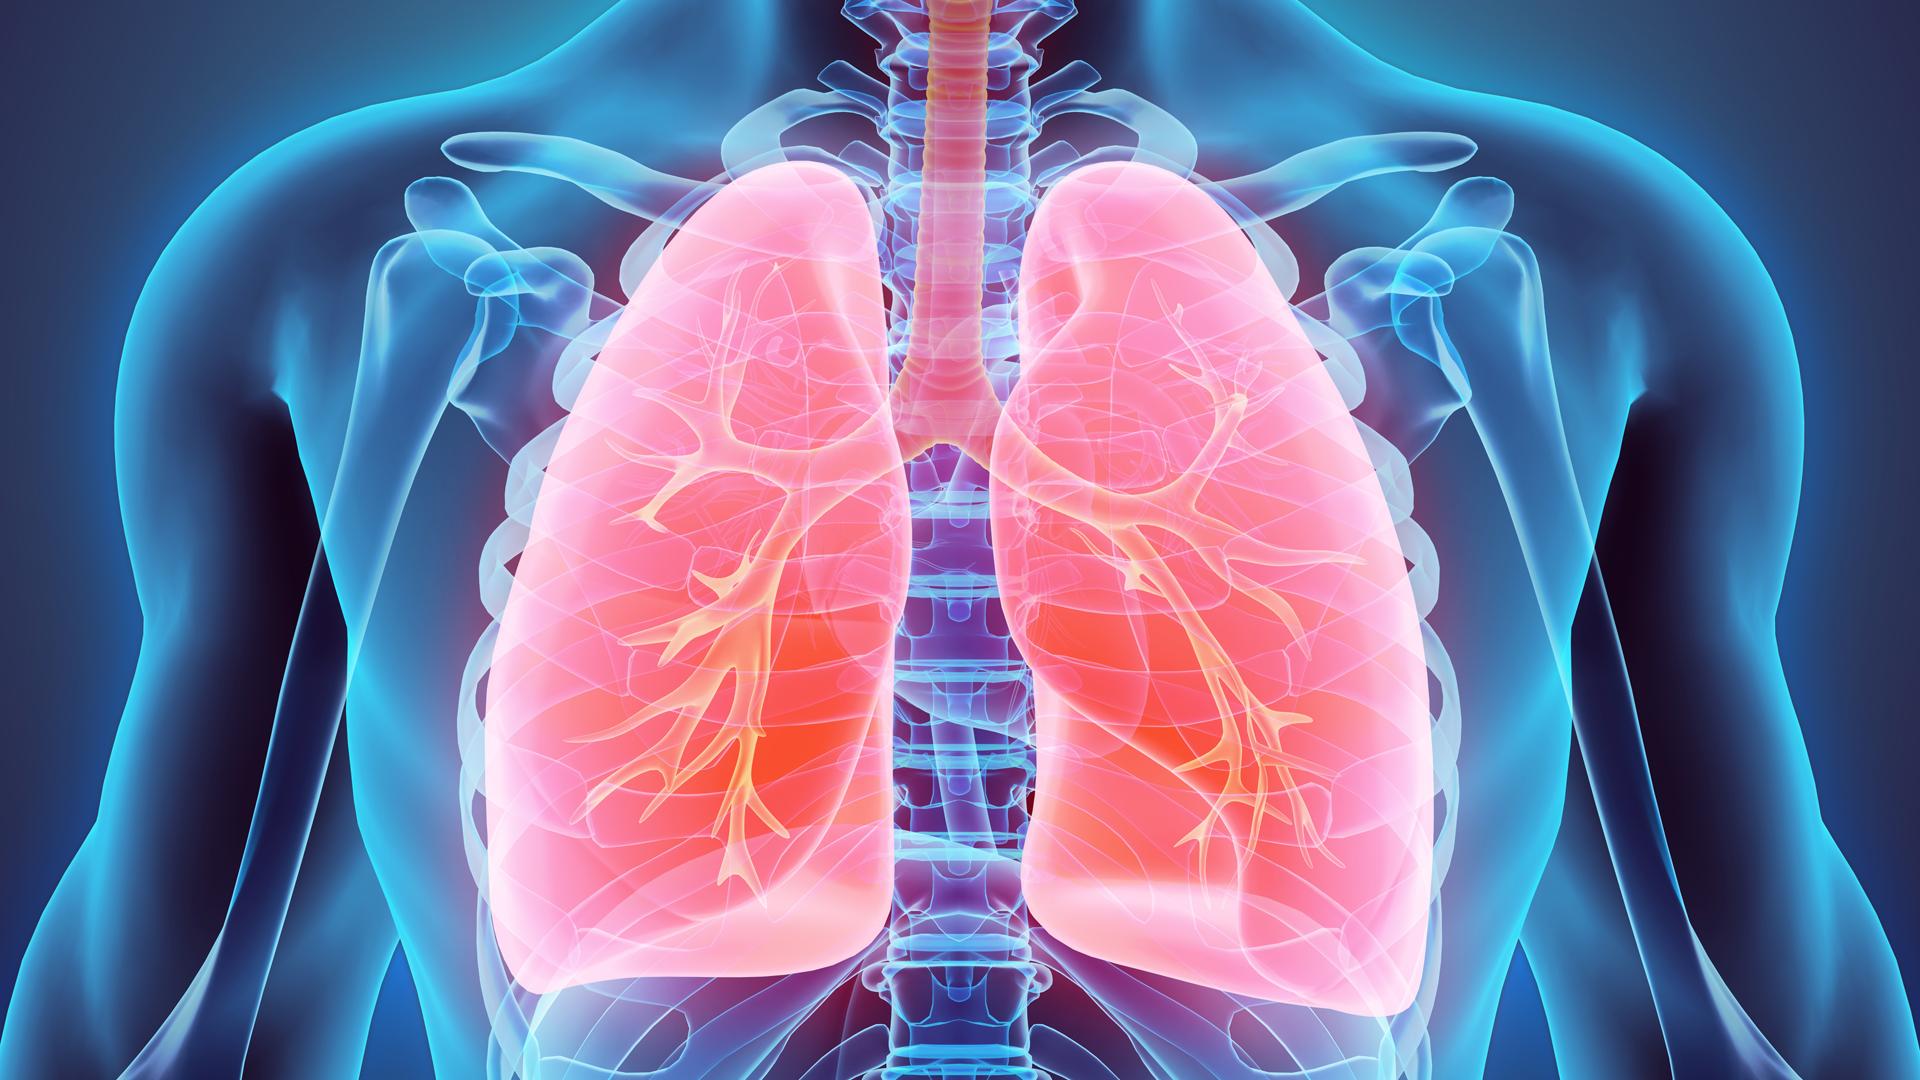 La enfermedad suele confundirse con otros síntomas o enfermedades como el asma o ataques de pánico. (iStock)